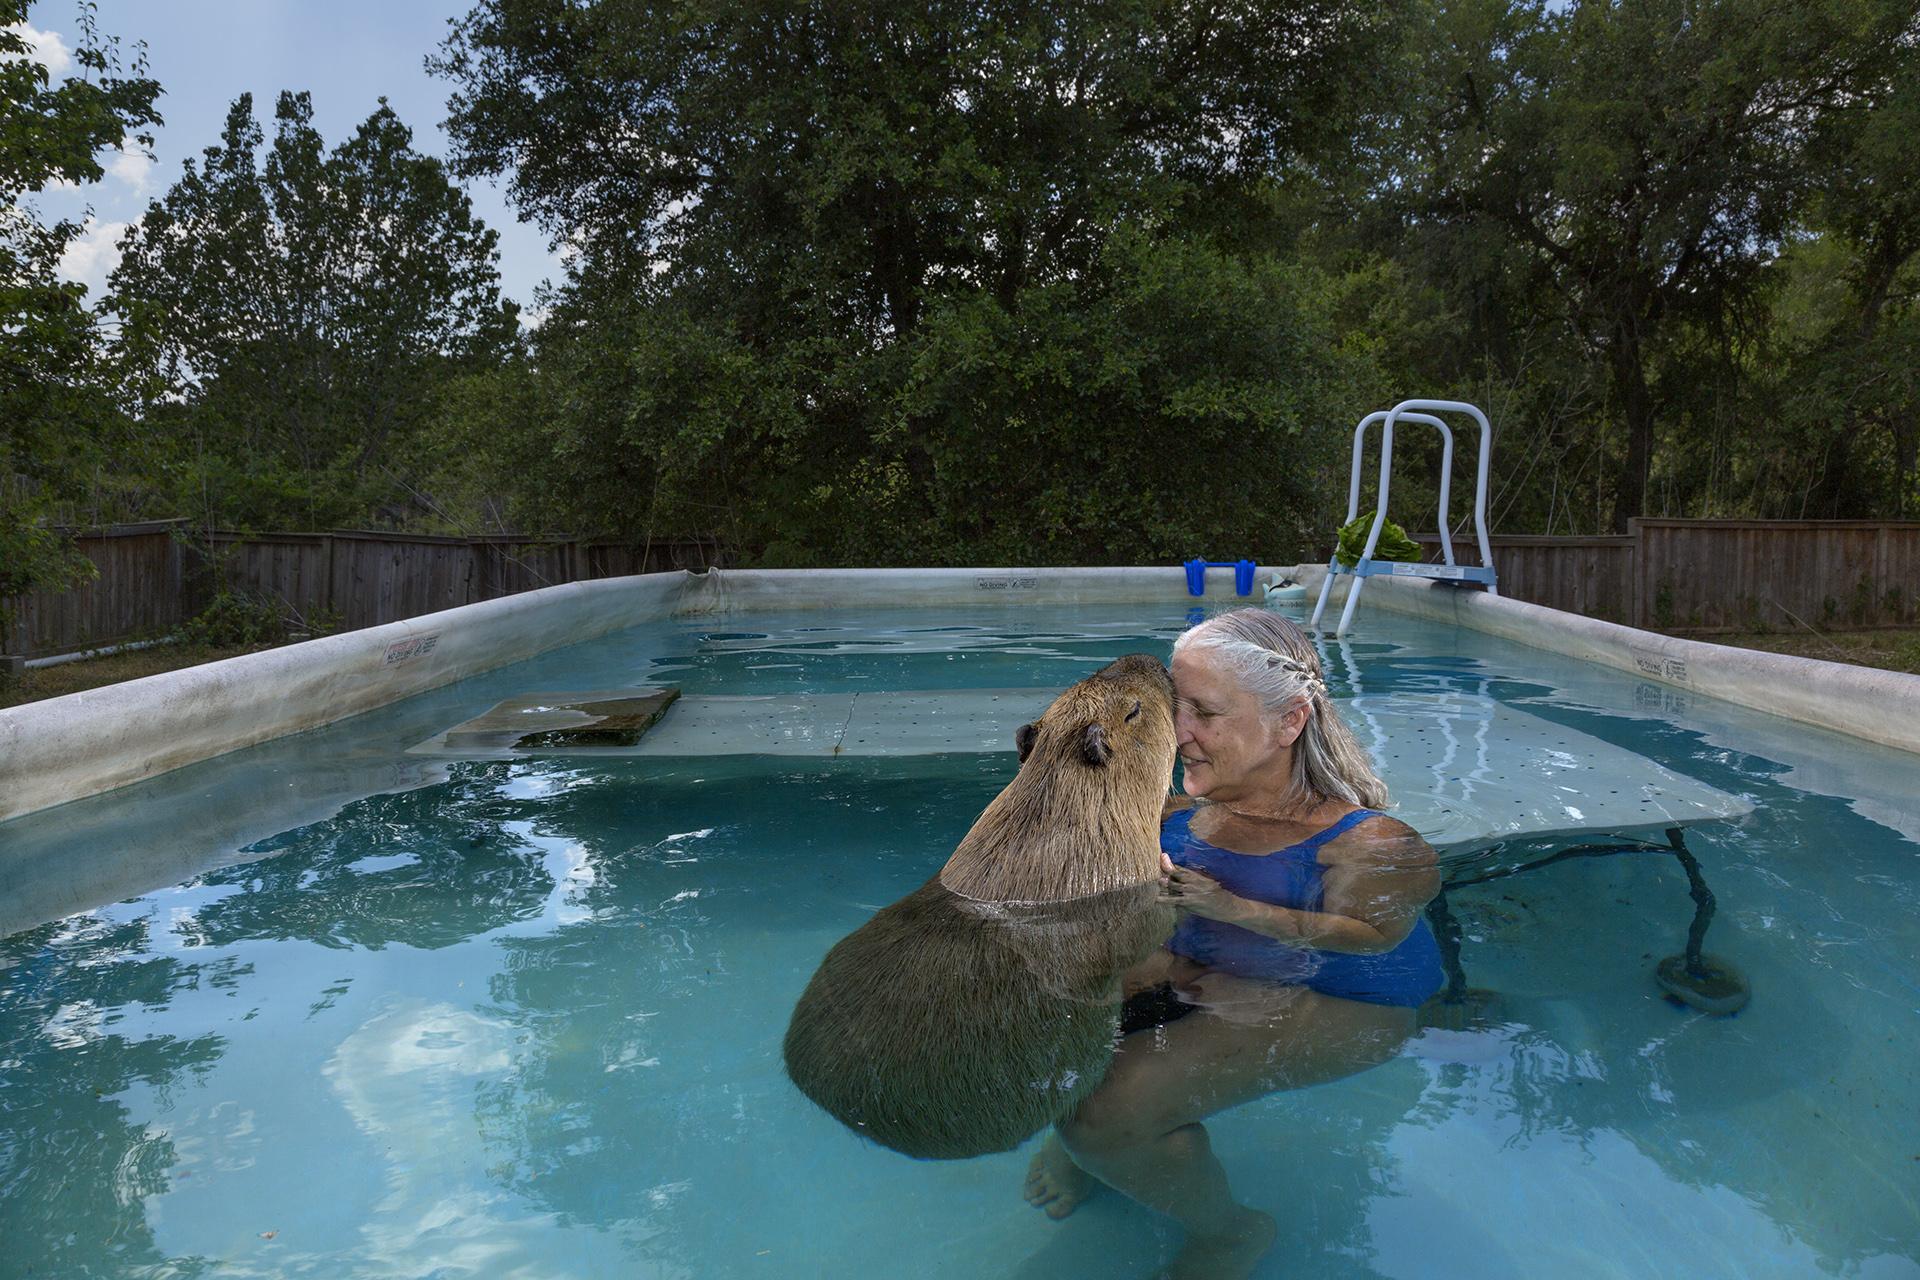 Melanie Typaldos nada junto su mascota, un carpincho de 55kg, en Buda, Texas. Vincent J. Musi, 2013